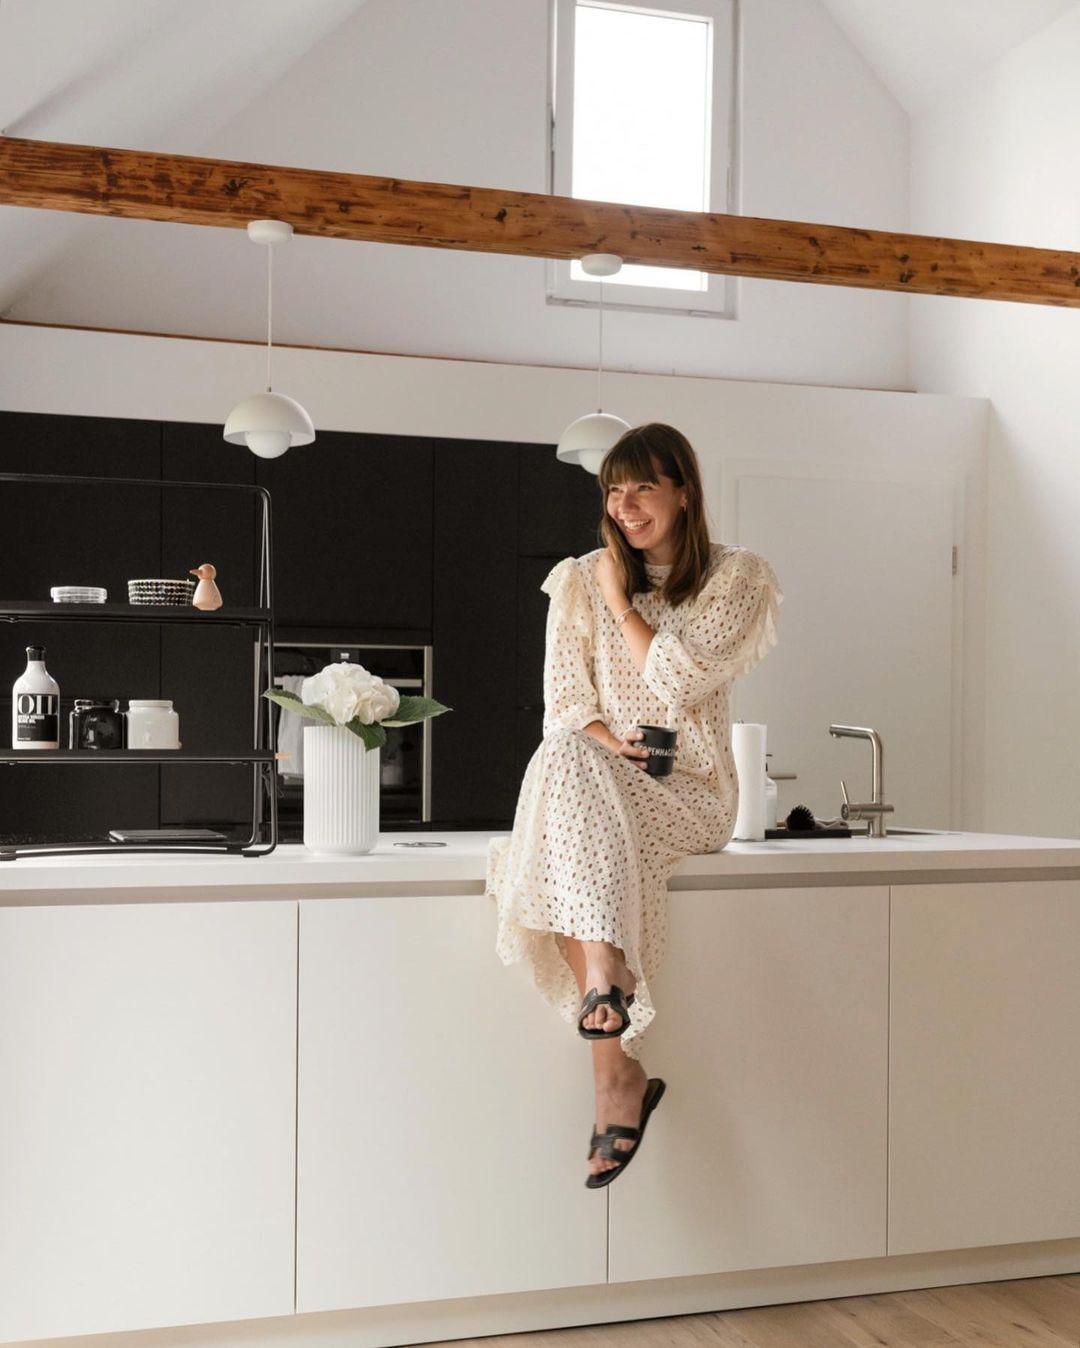 Interior-Bloggerin Sarah hilft uns den minimalistischen Wohnstil zu verstehen